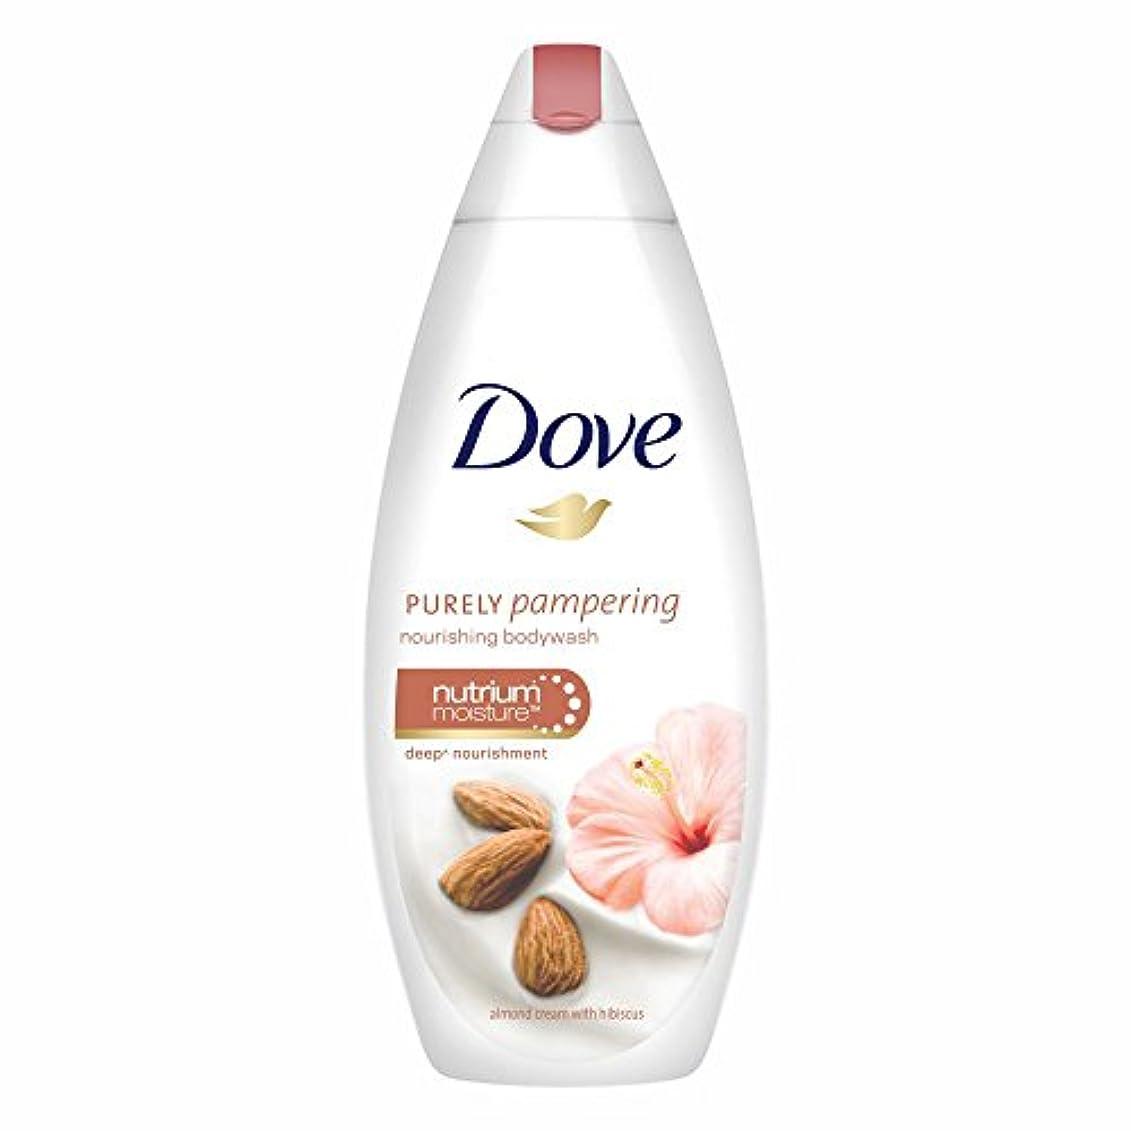 教室トリクル衣服Dove Purely Pampering Almond Cream and Hibiscus Body Wash, 190ml